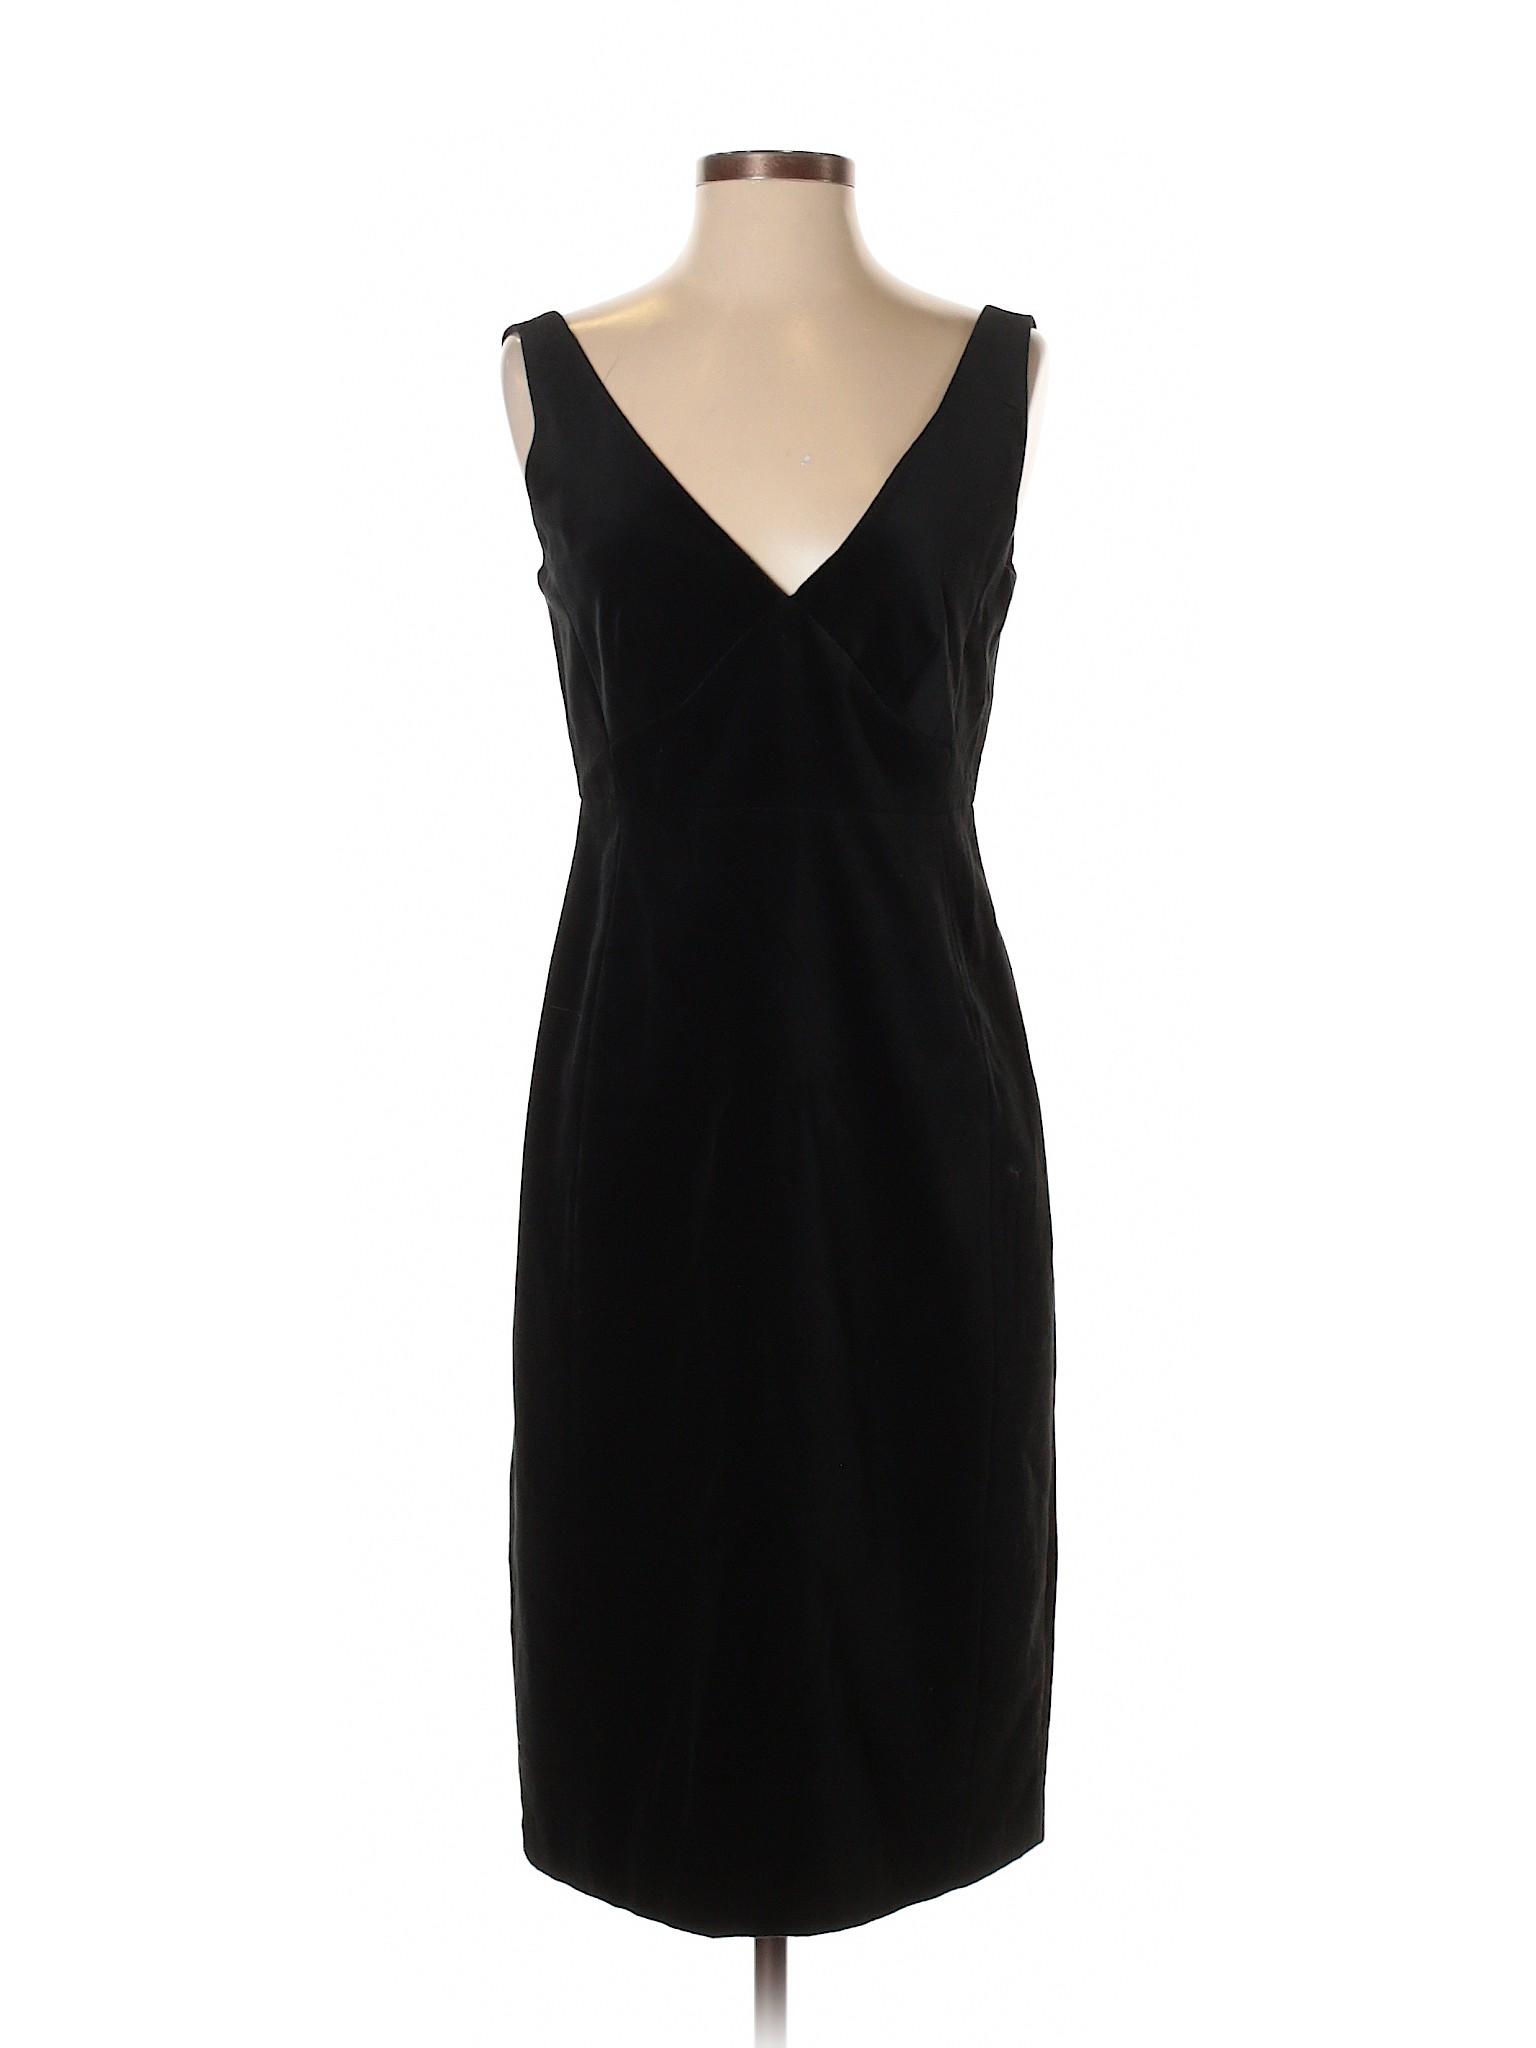 Boutique Casual Dress Crew J winter 6qpgr76